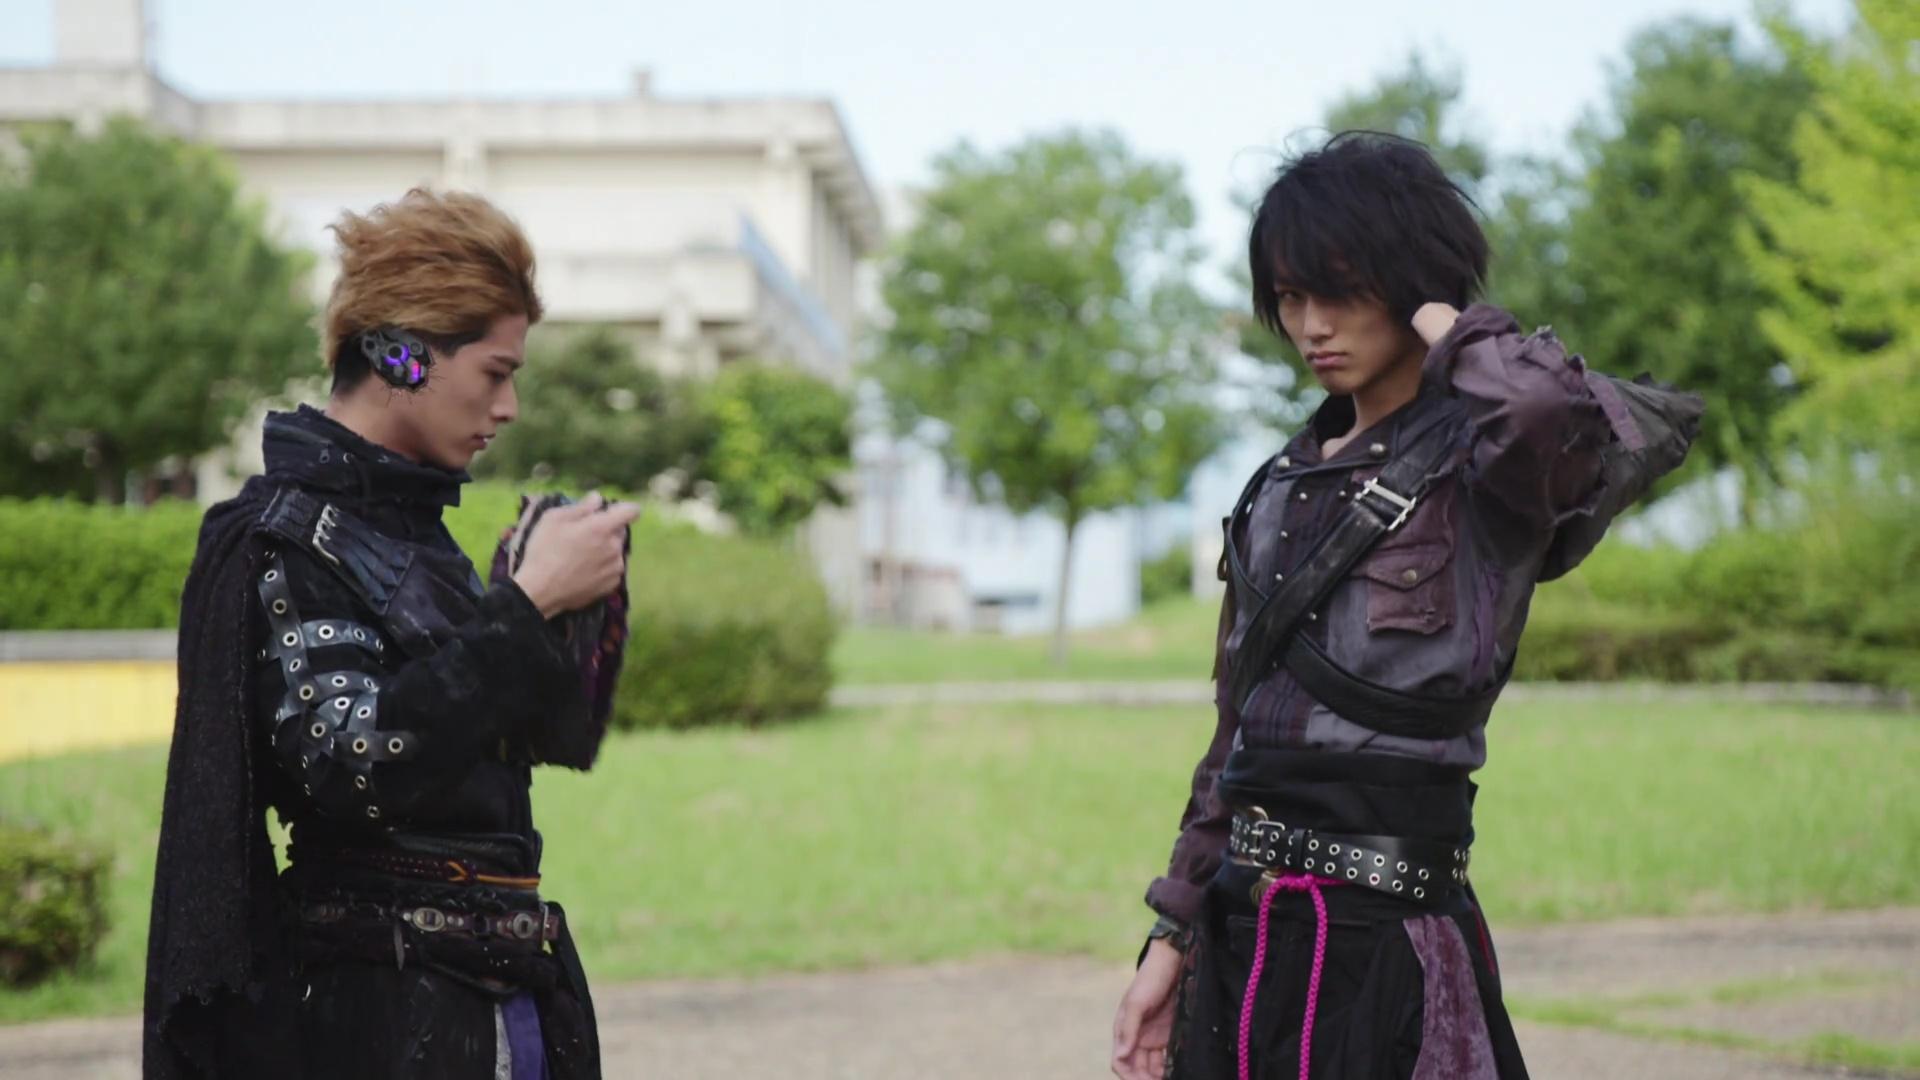 Kamen Rider Zero One Episode 8 Recap